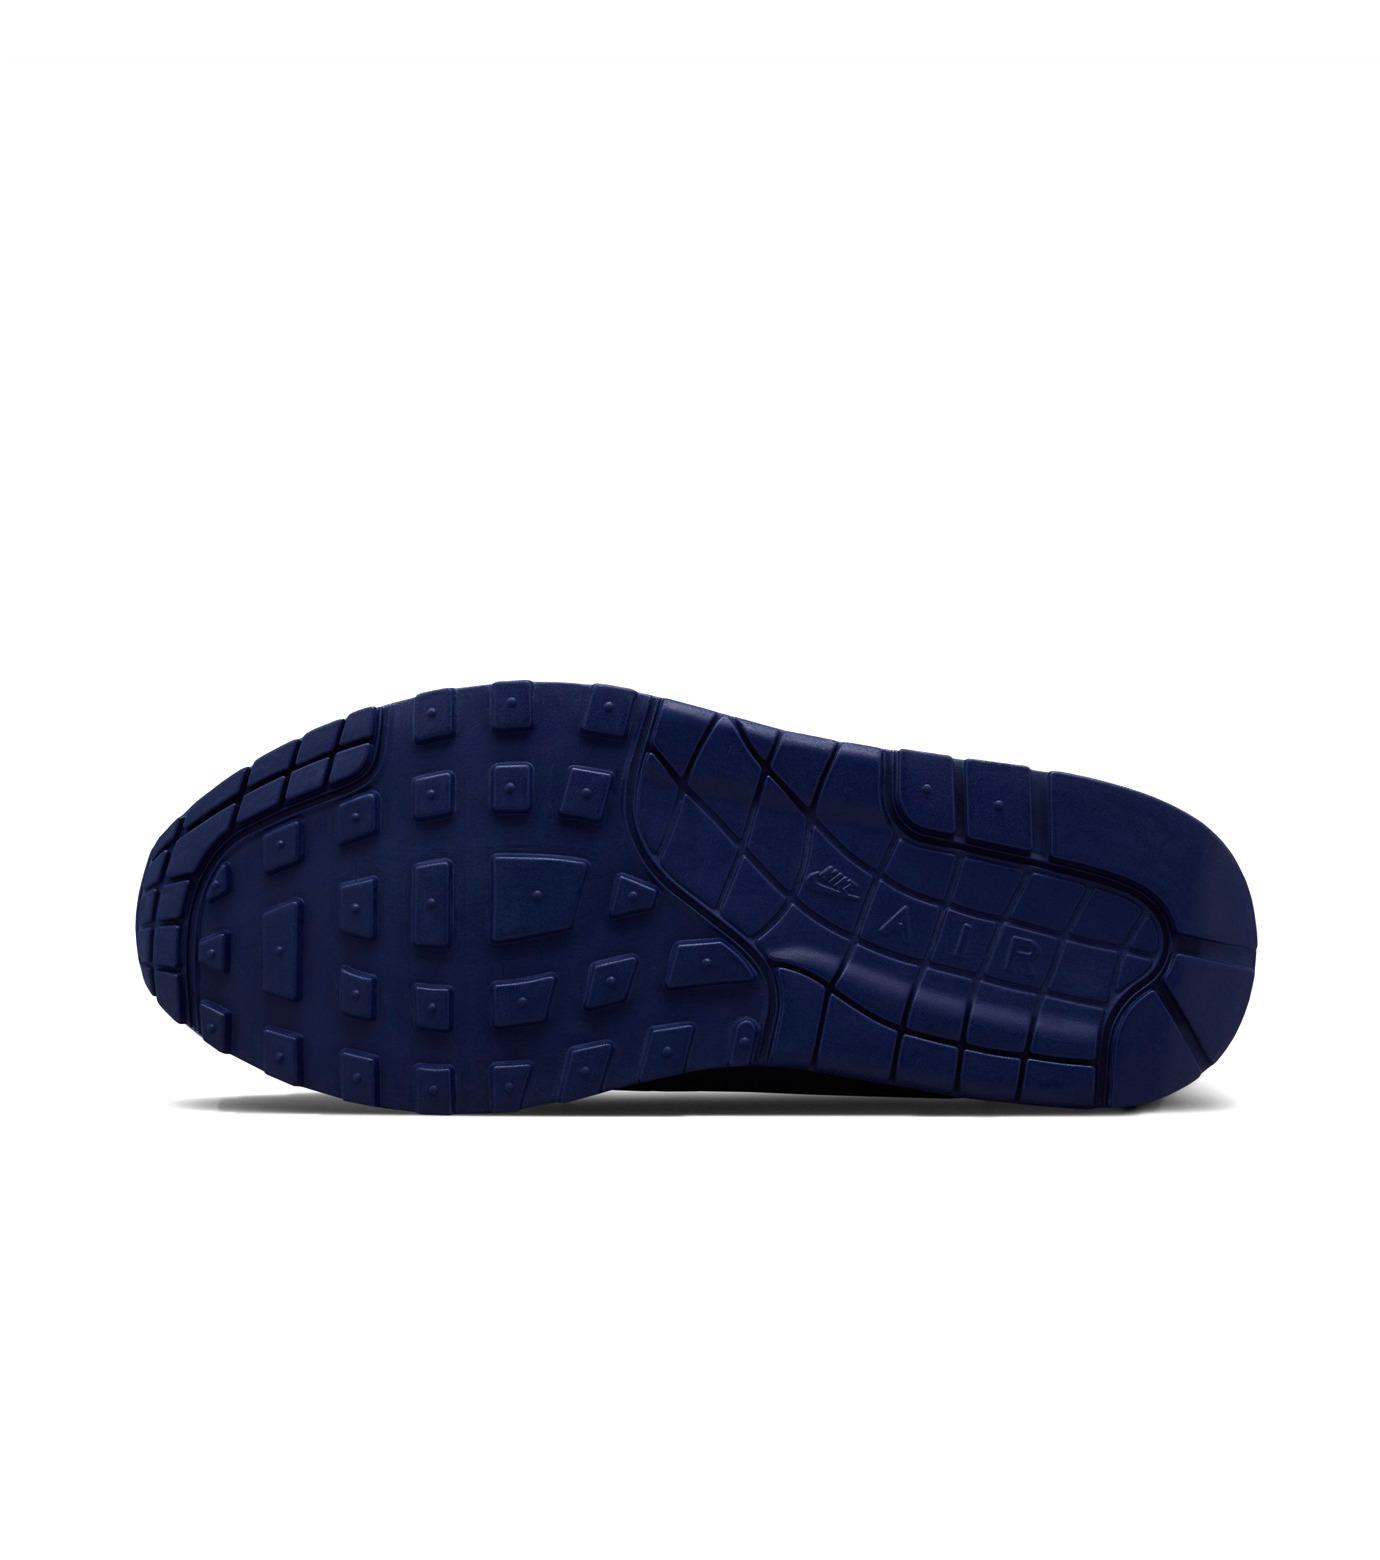 NIKE(ナイキ)のWMNS AIR MAX 1 PINNACLE-BLUE(シューズ/shoes)-839608-400-92 拡大詳細画像2